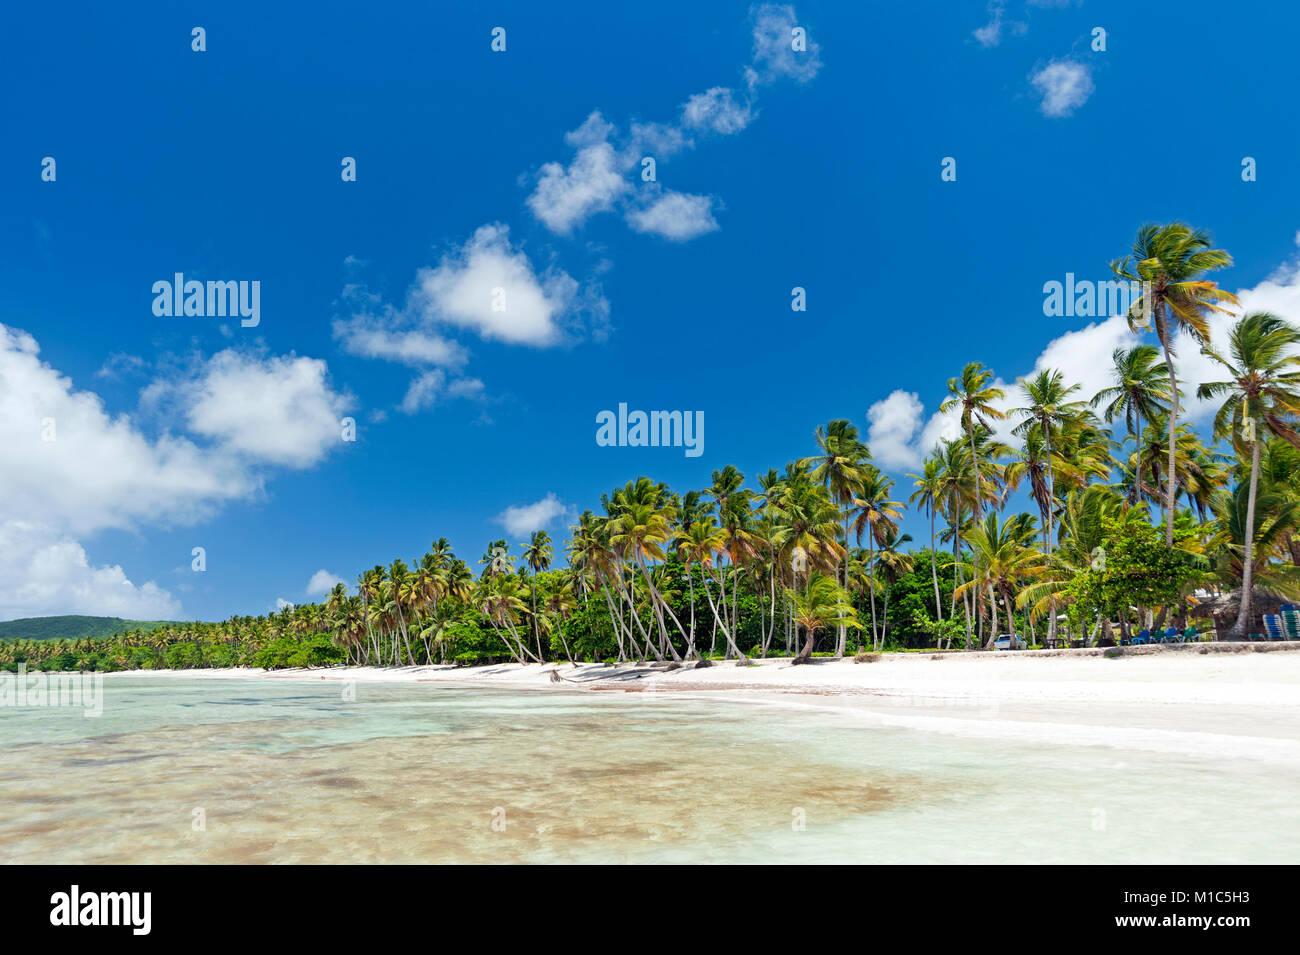 Beautiful tropical Caribbean beach on Samaná peninsula, Dominican Republic - Stock Image